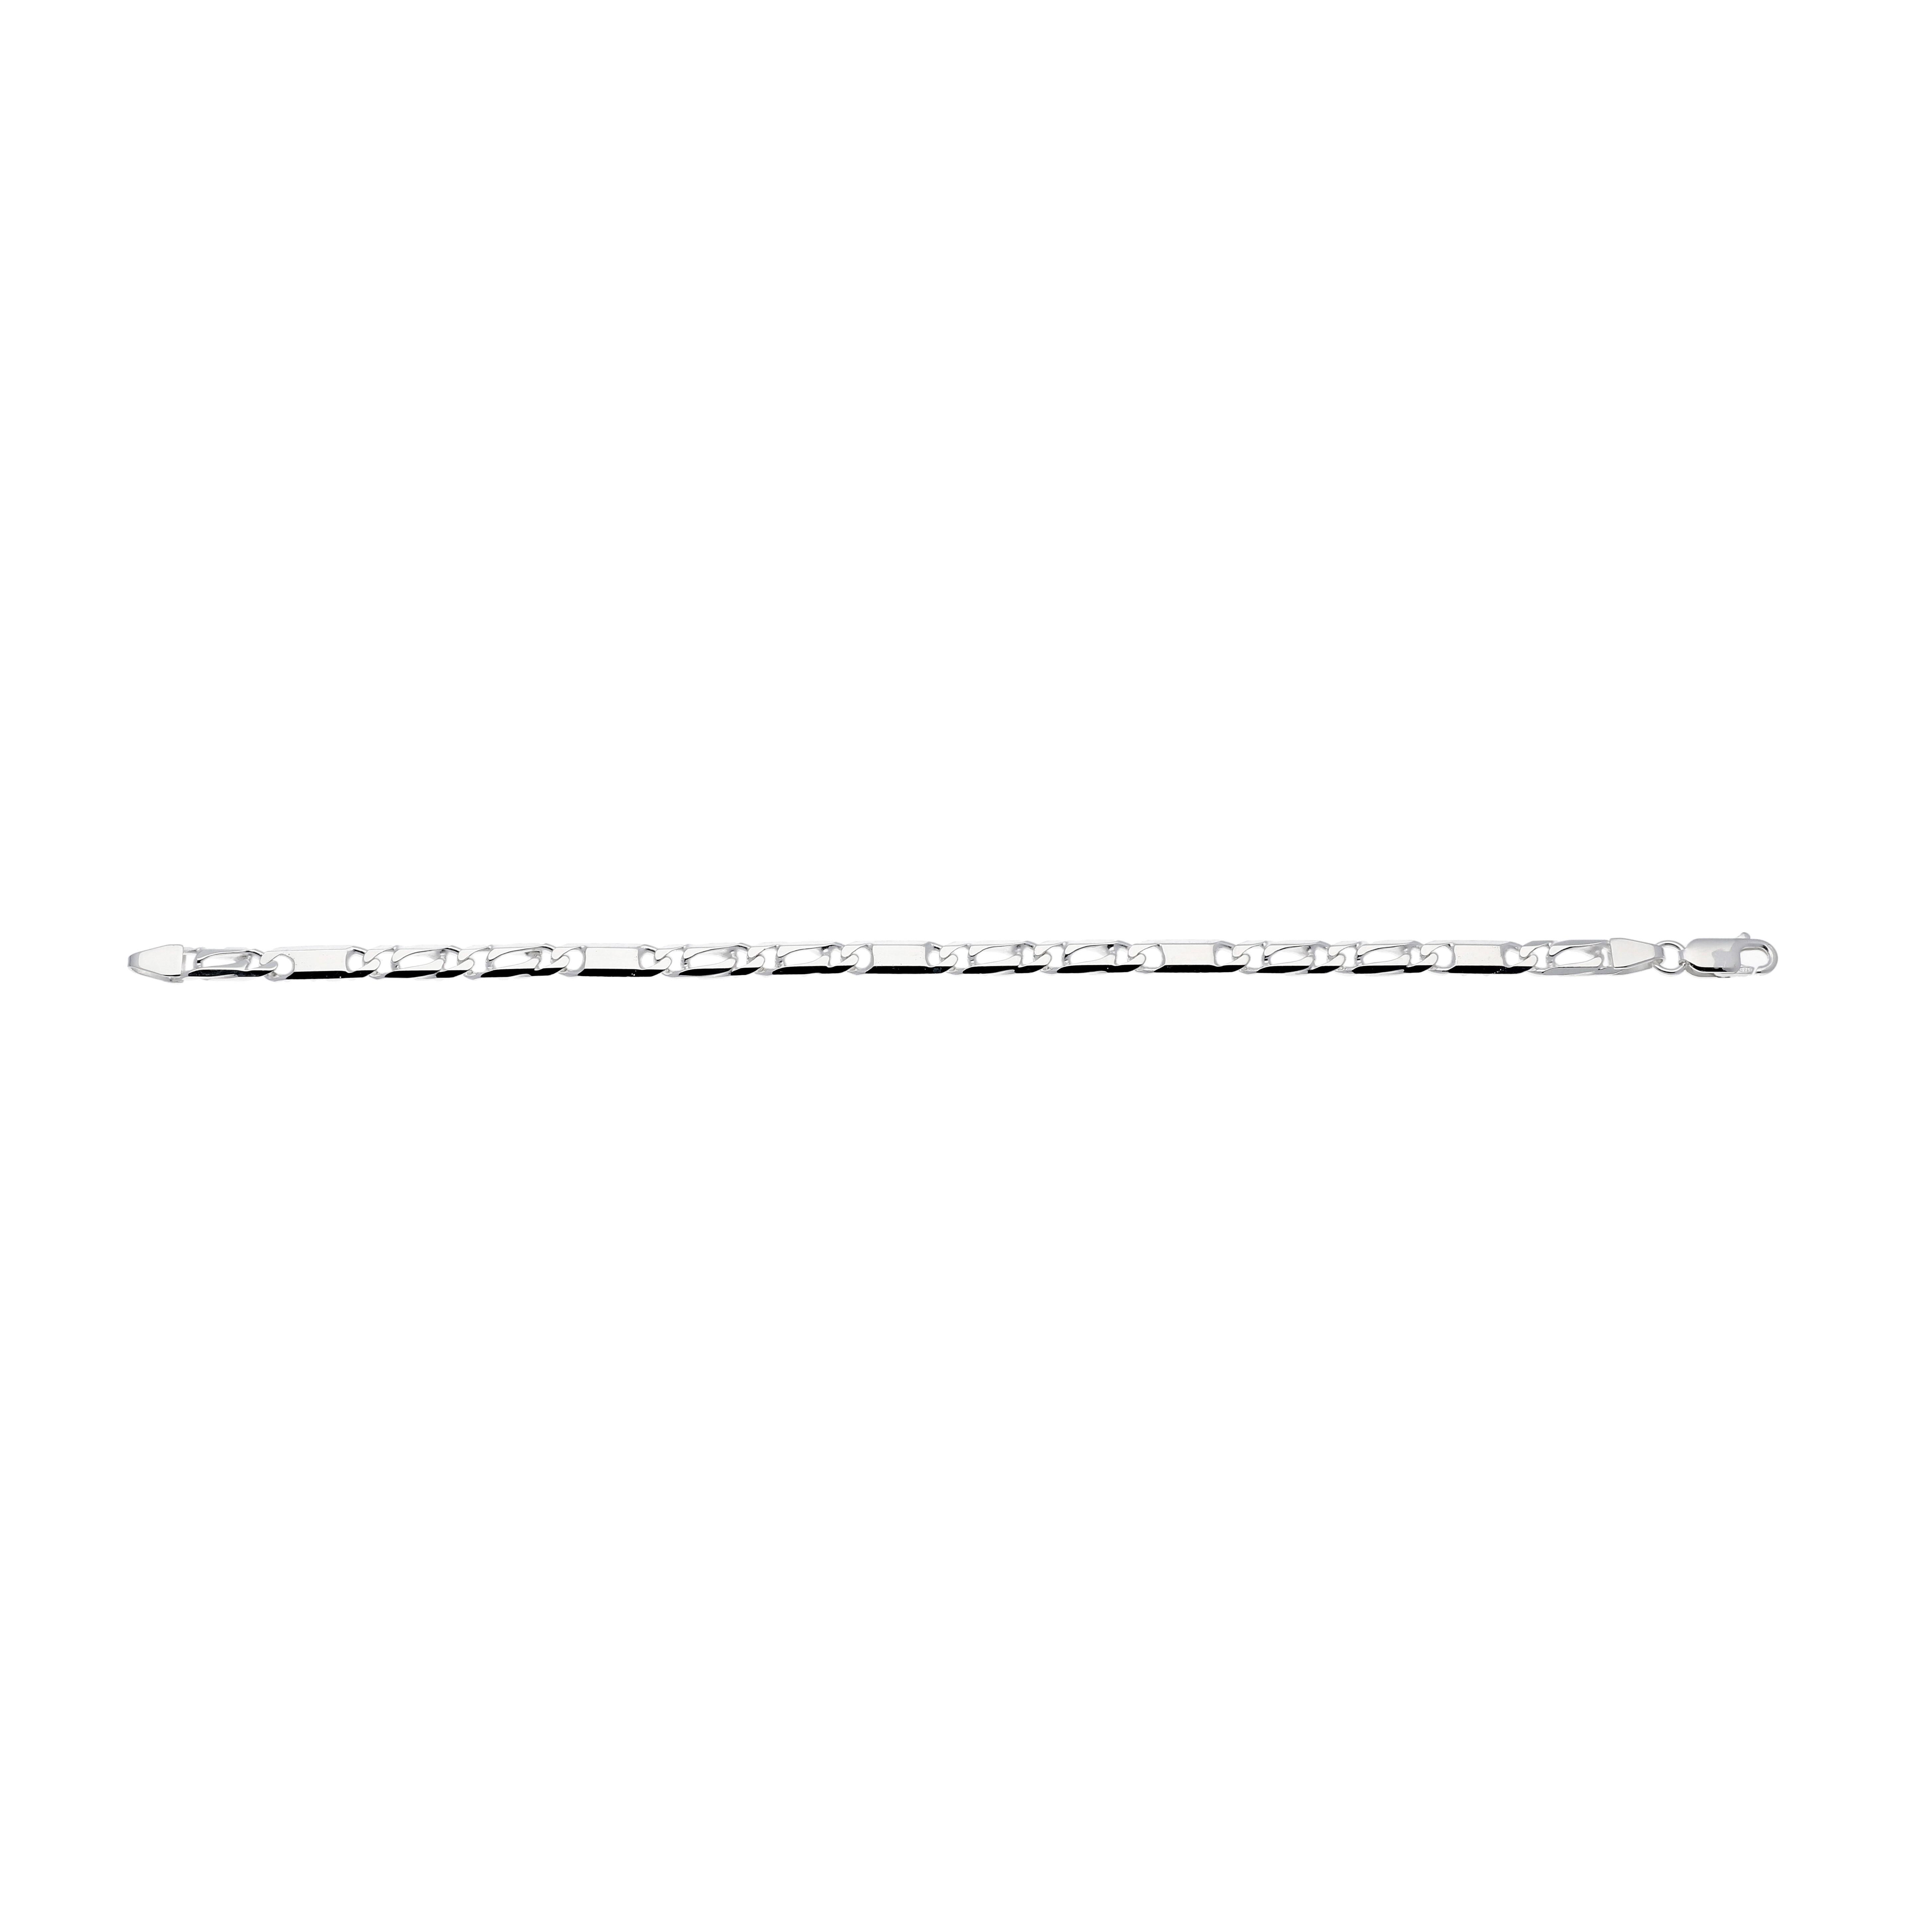 Zilveren schakelarmband best basics Valkenoog met plaatjes - 4.2mm - 19cm 104.0149.19